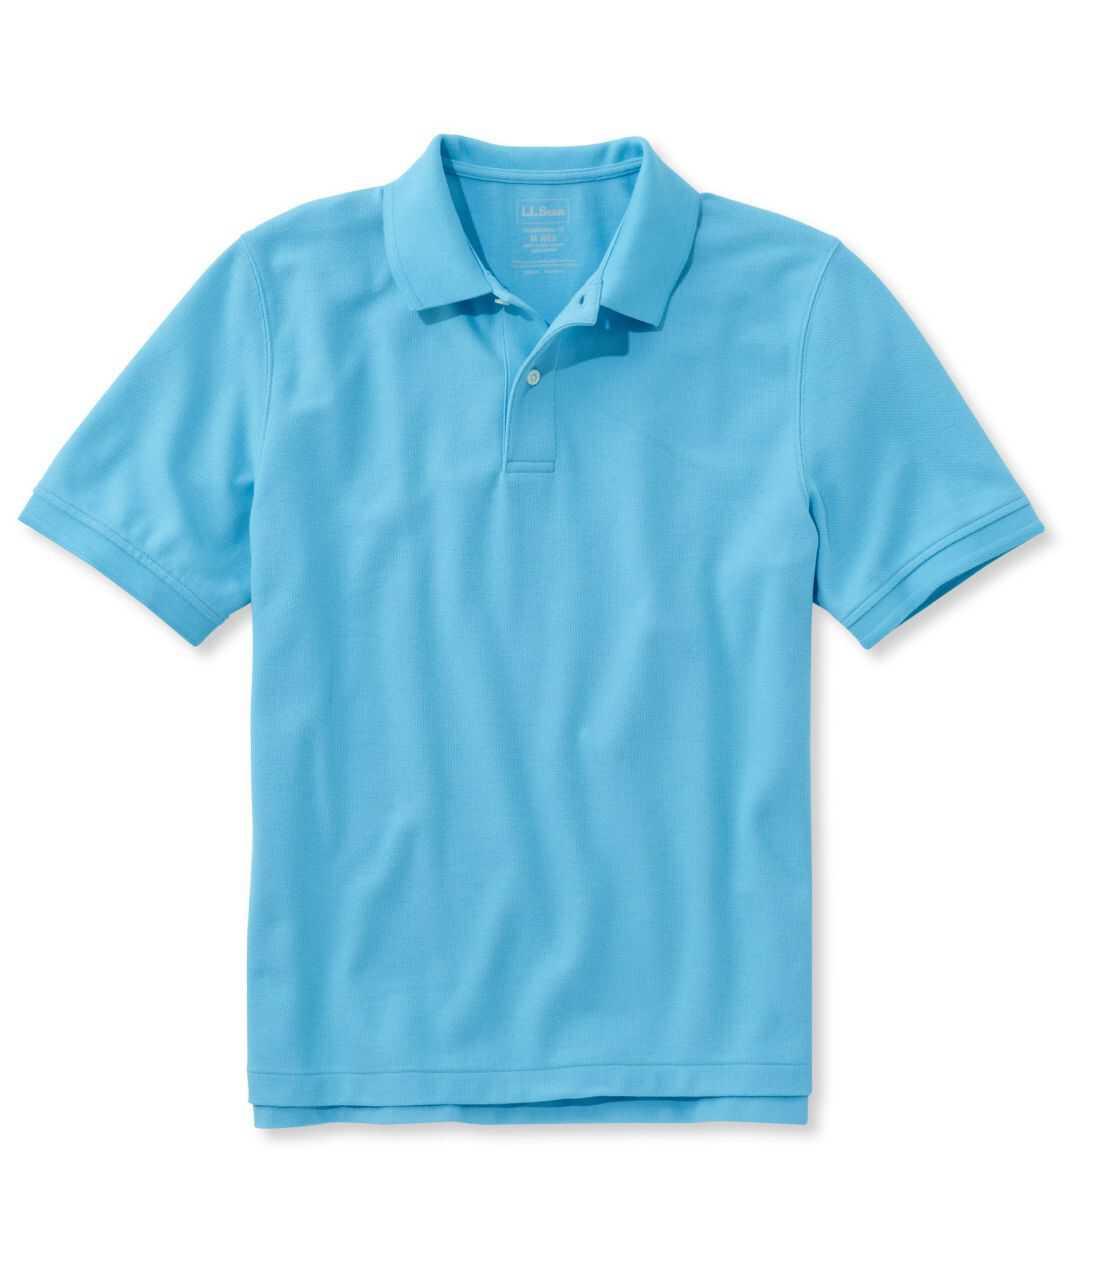 プレミアム・ダブル・エル・ポロシャツ、半袖 無地